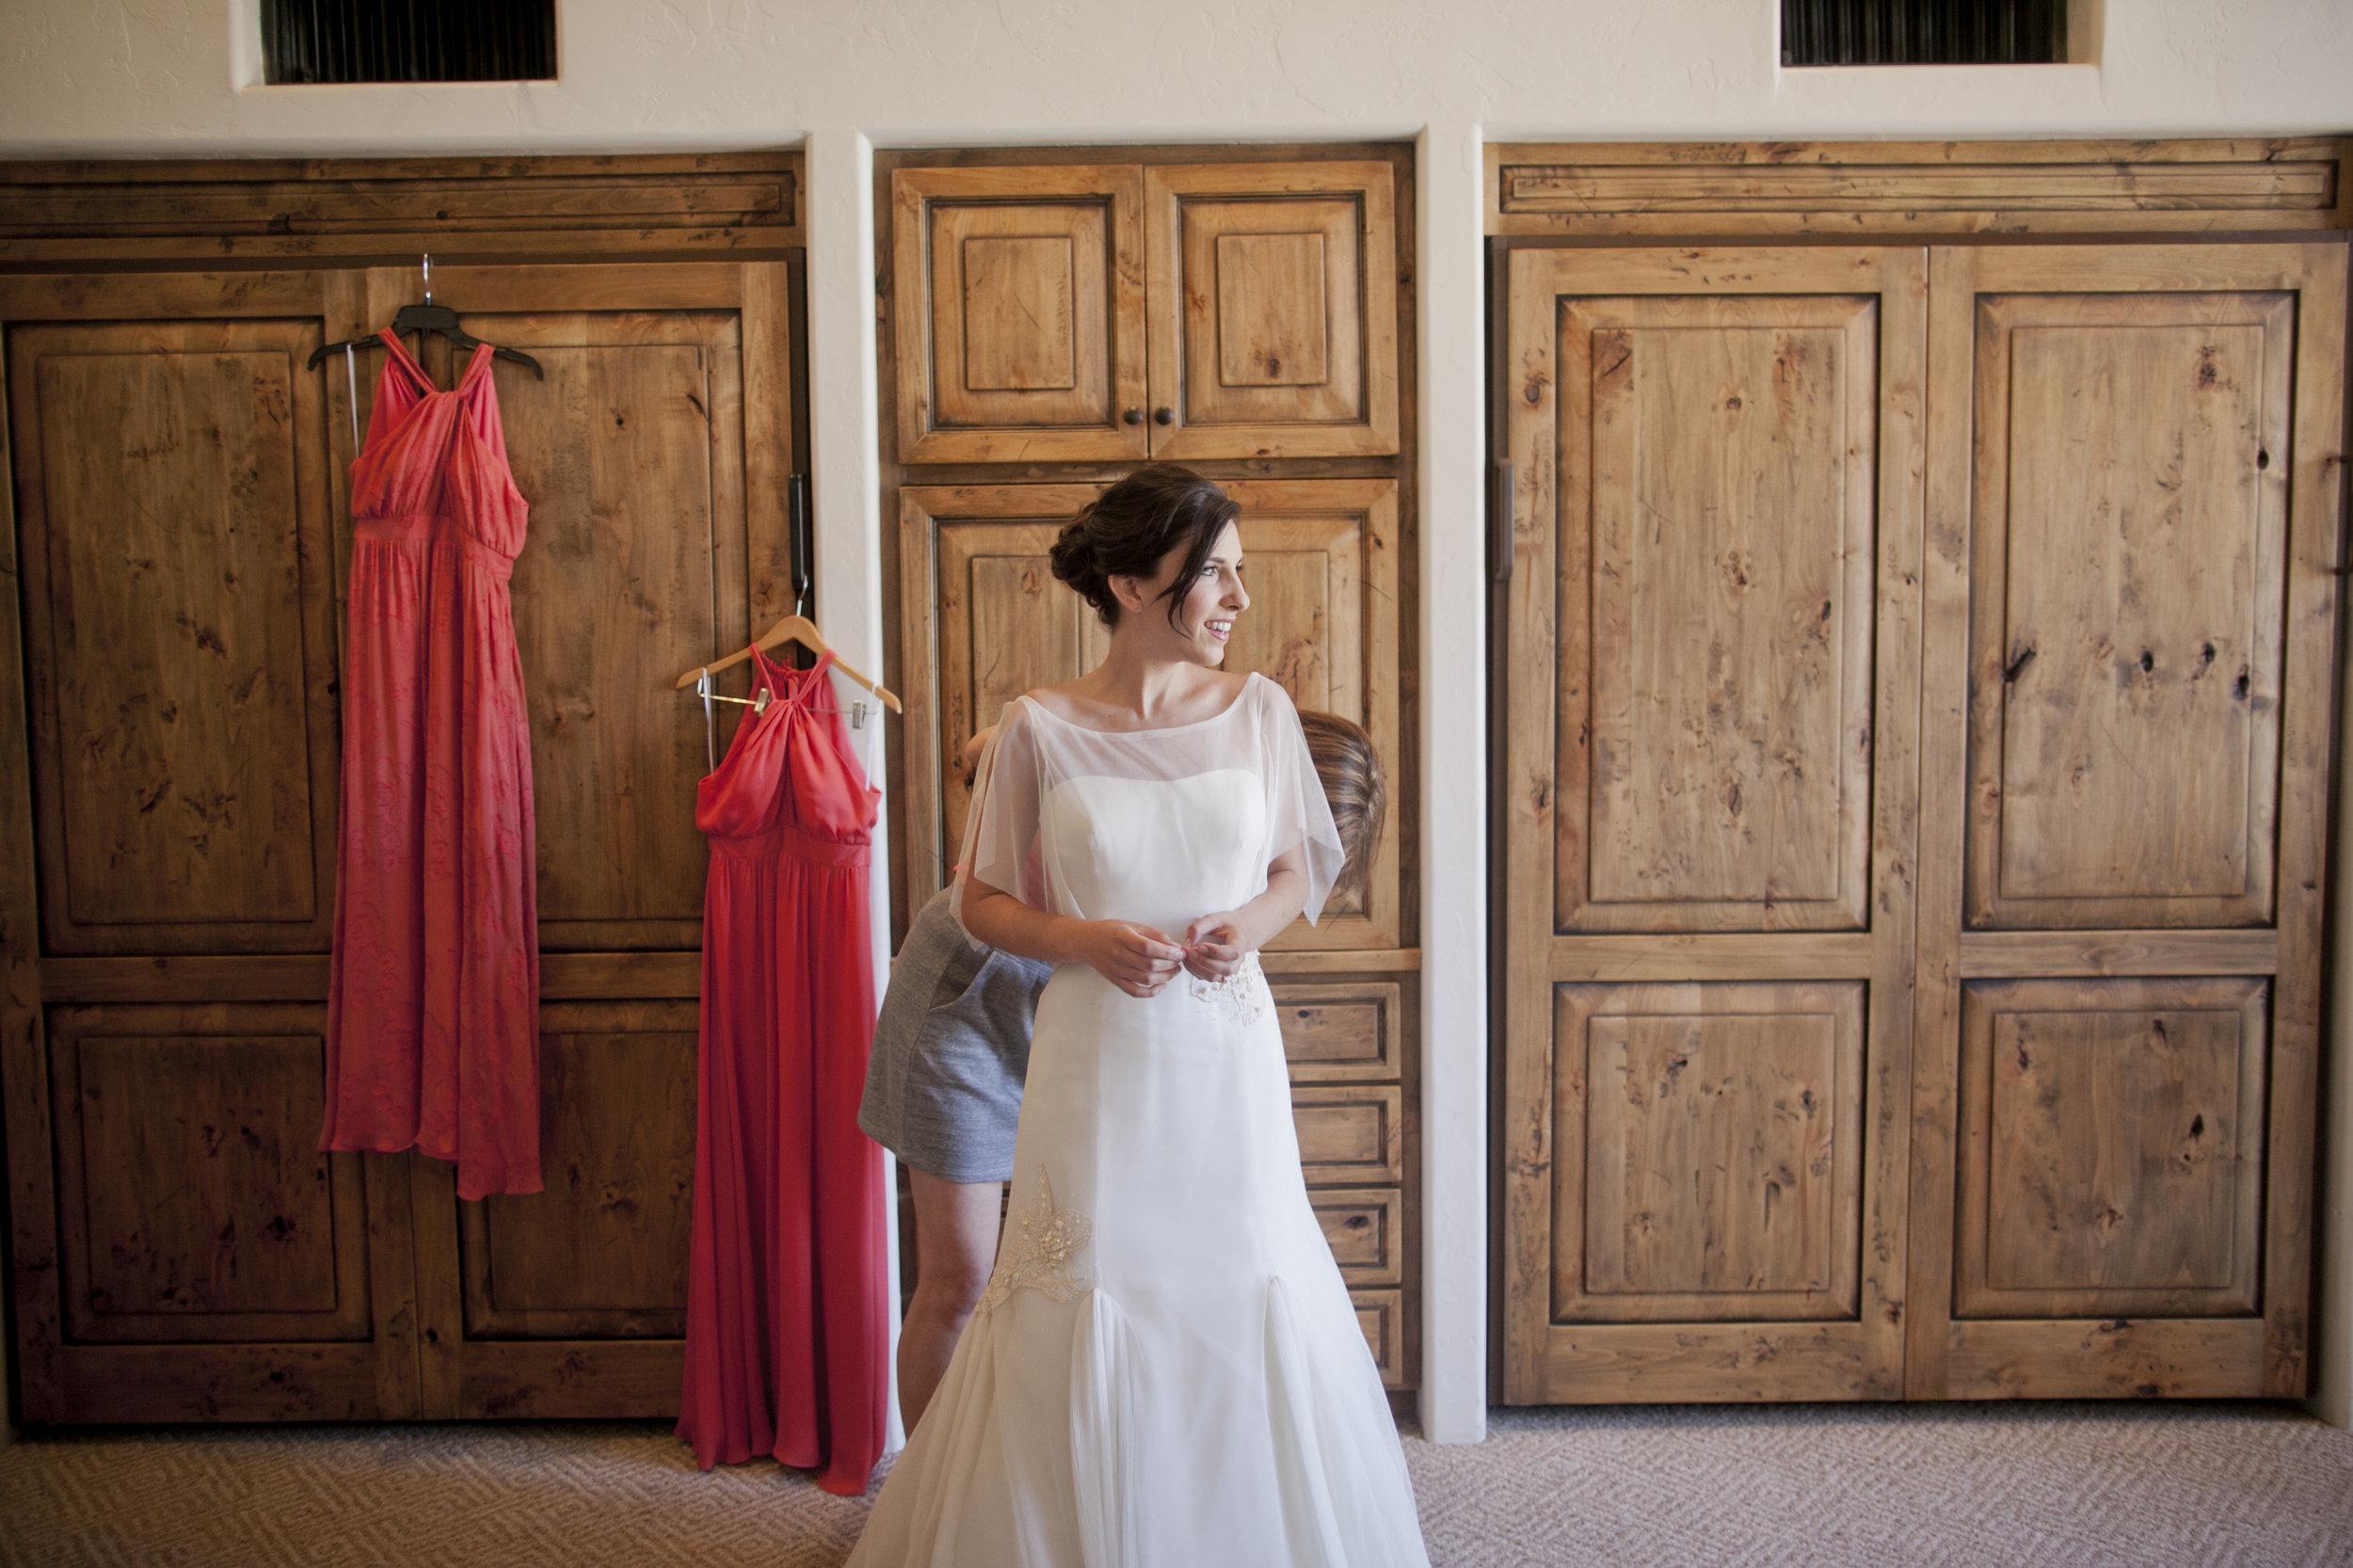 Ceci_New_York_Ceci_Style_Ceci_Johnson_Luxury_Lifestyle_Arizona_Wedding_Watercolor_Inspiration_Design_Custom_Couture_Personalized_Invitations_32.jpg